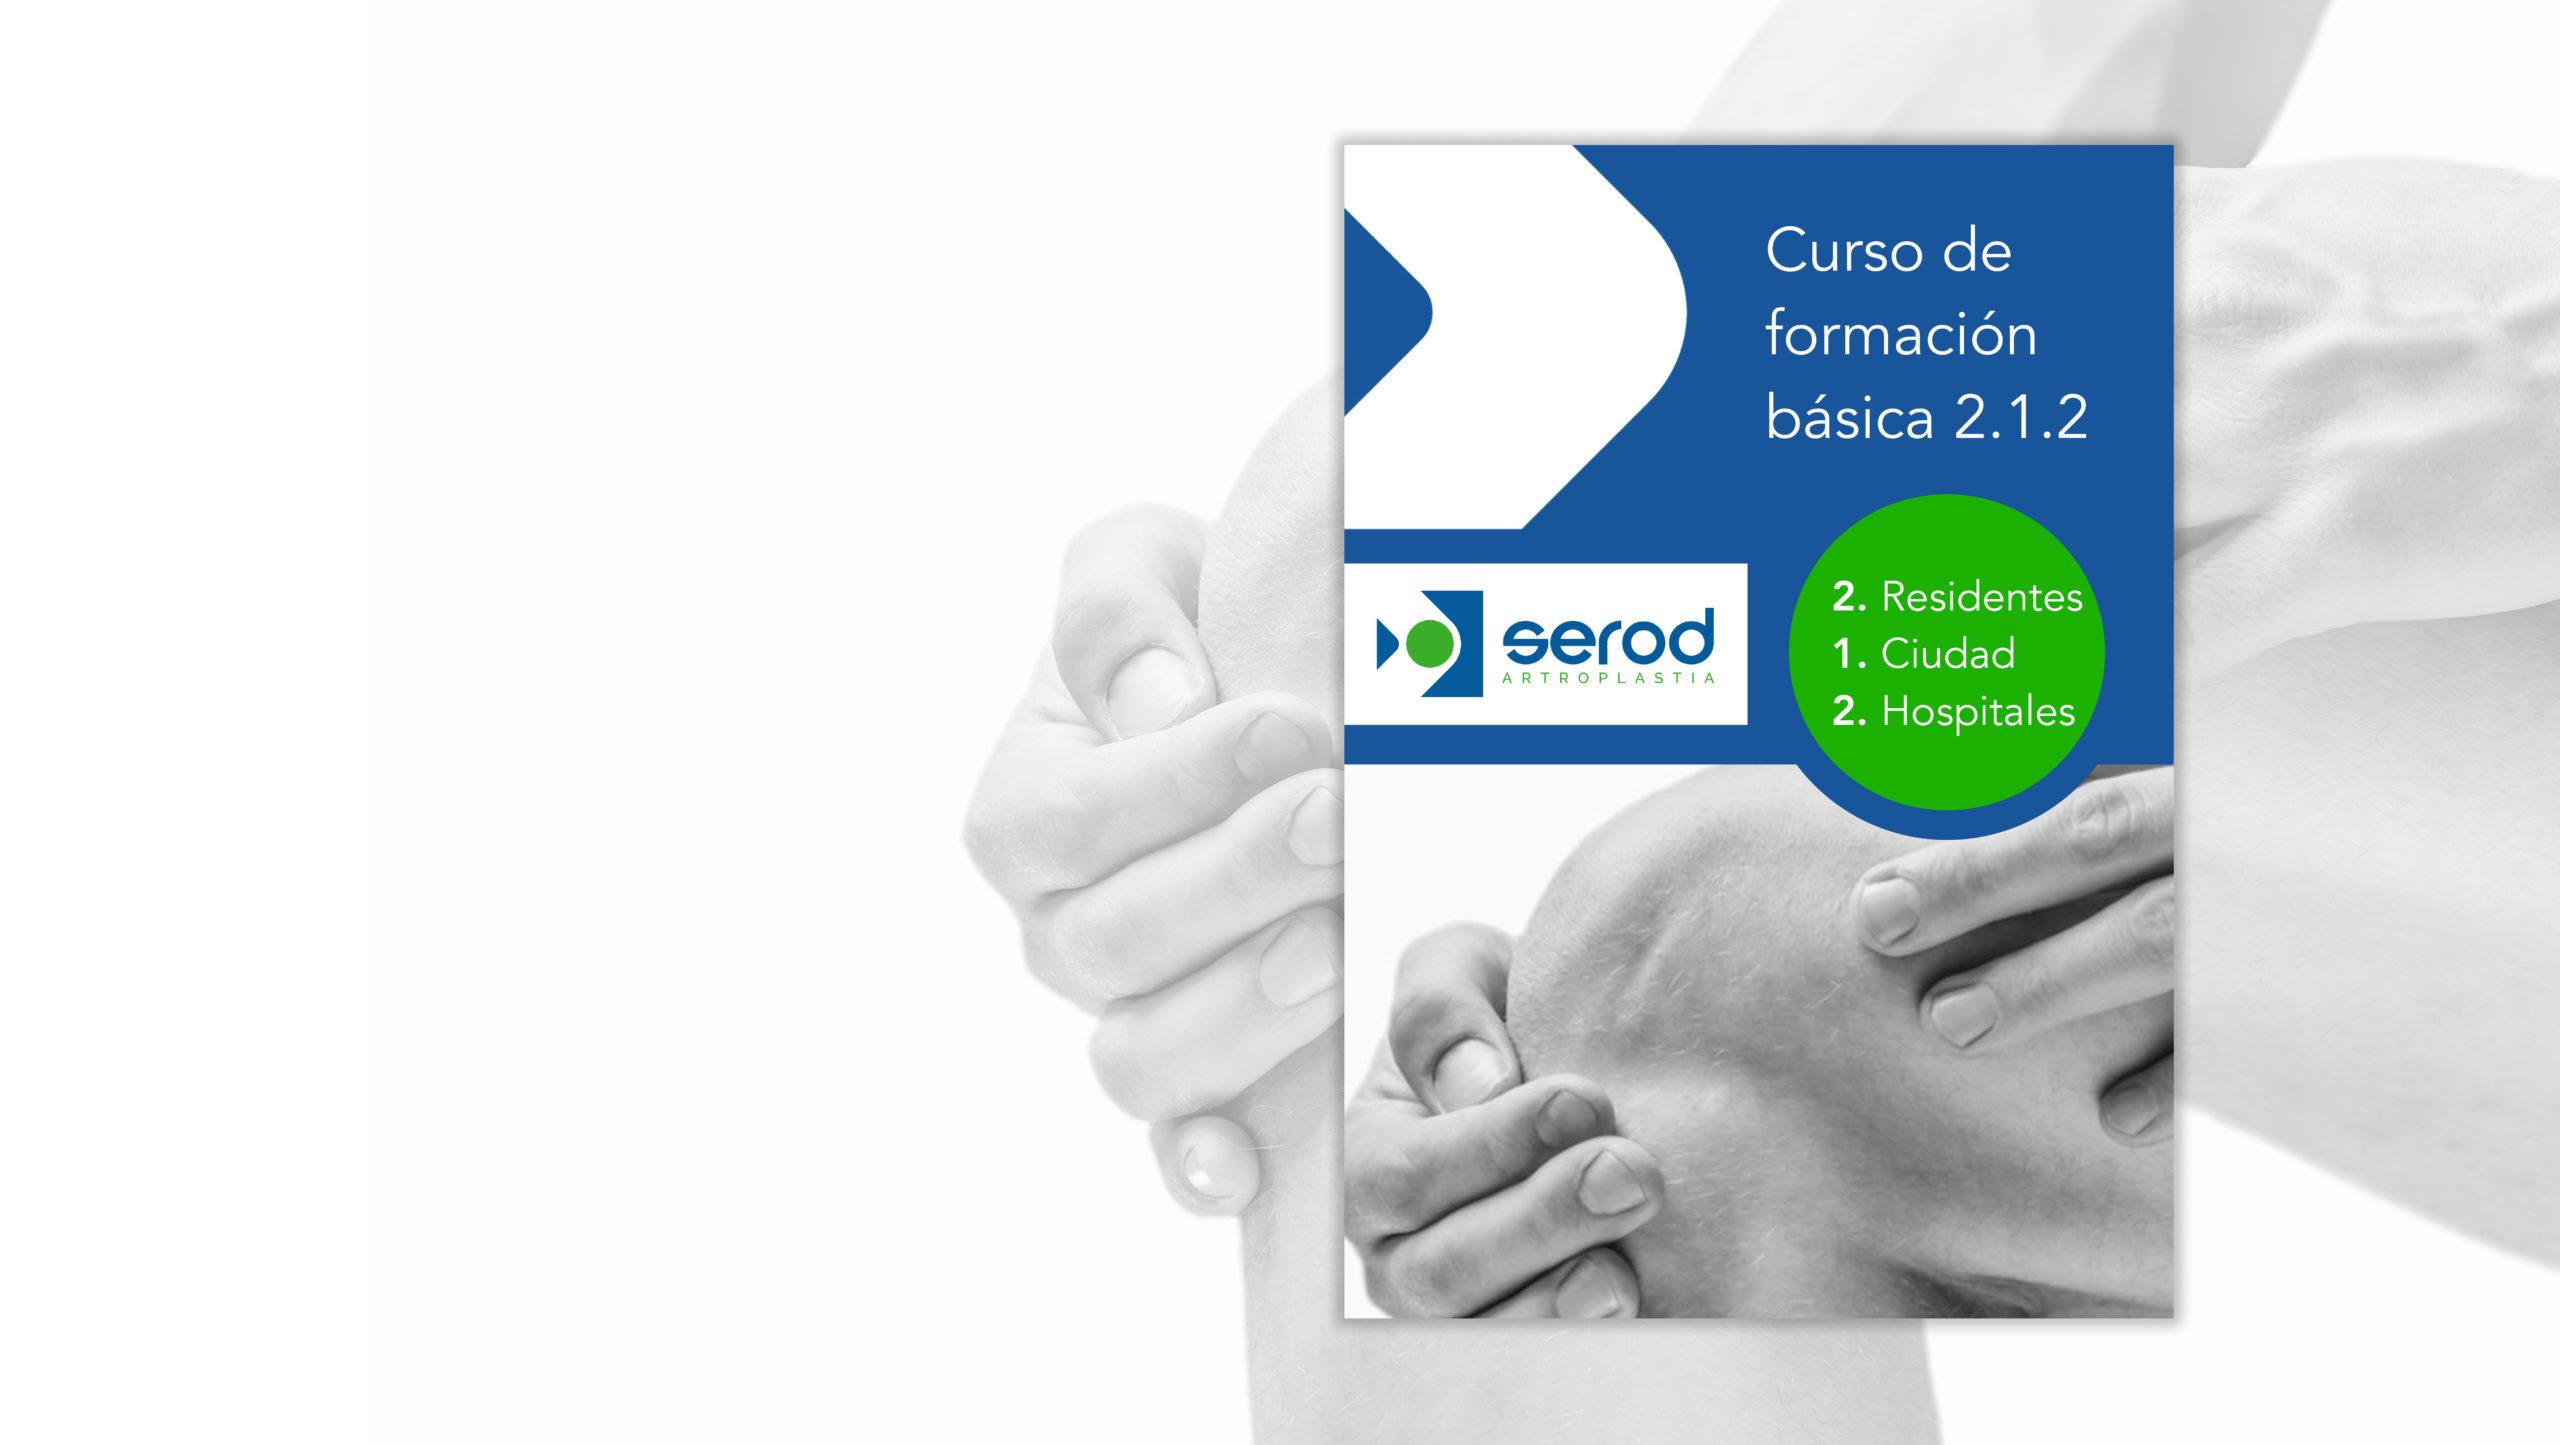 CURSO DE FORMACIÓN BÁSICA 2.1.2